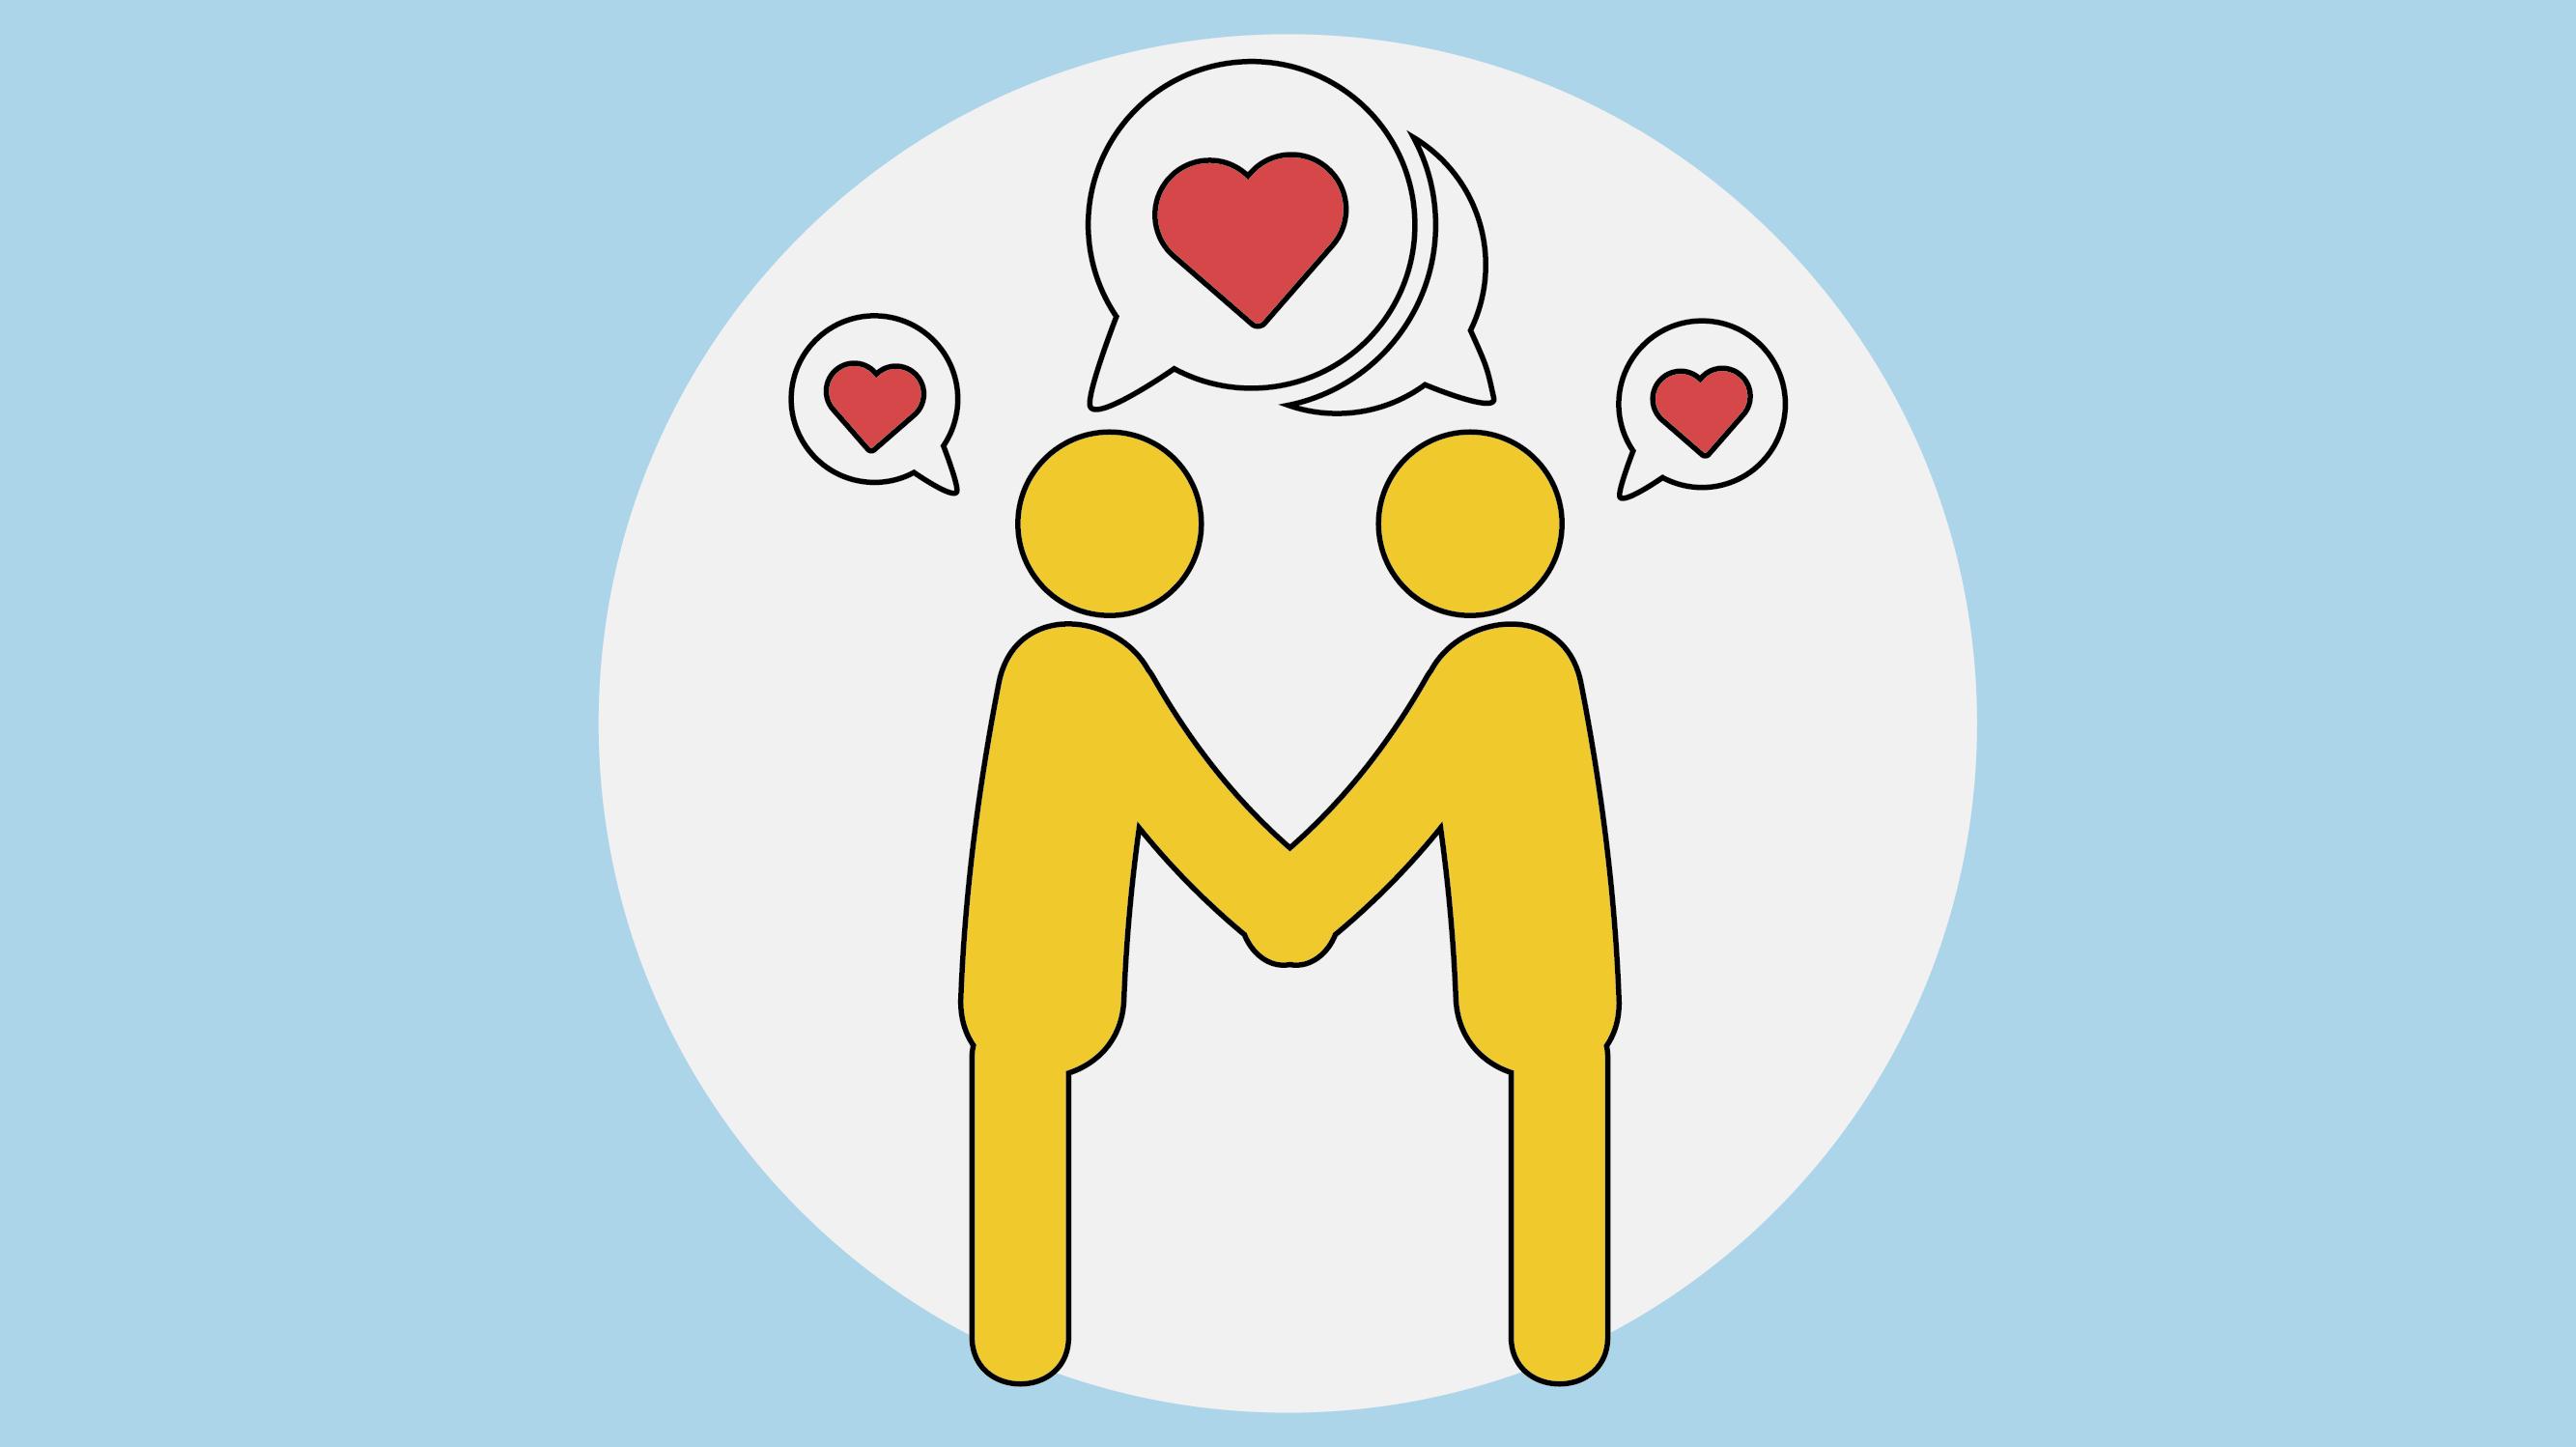 Dia do Amor, Afeto e Amizade